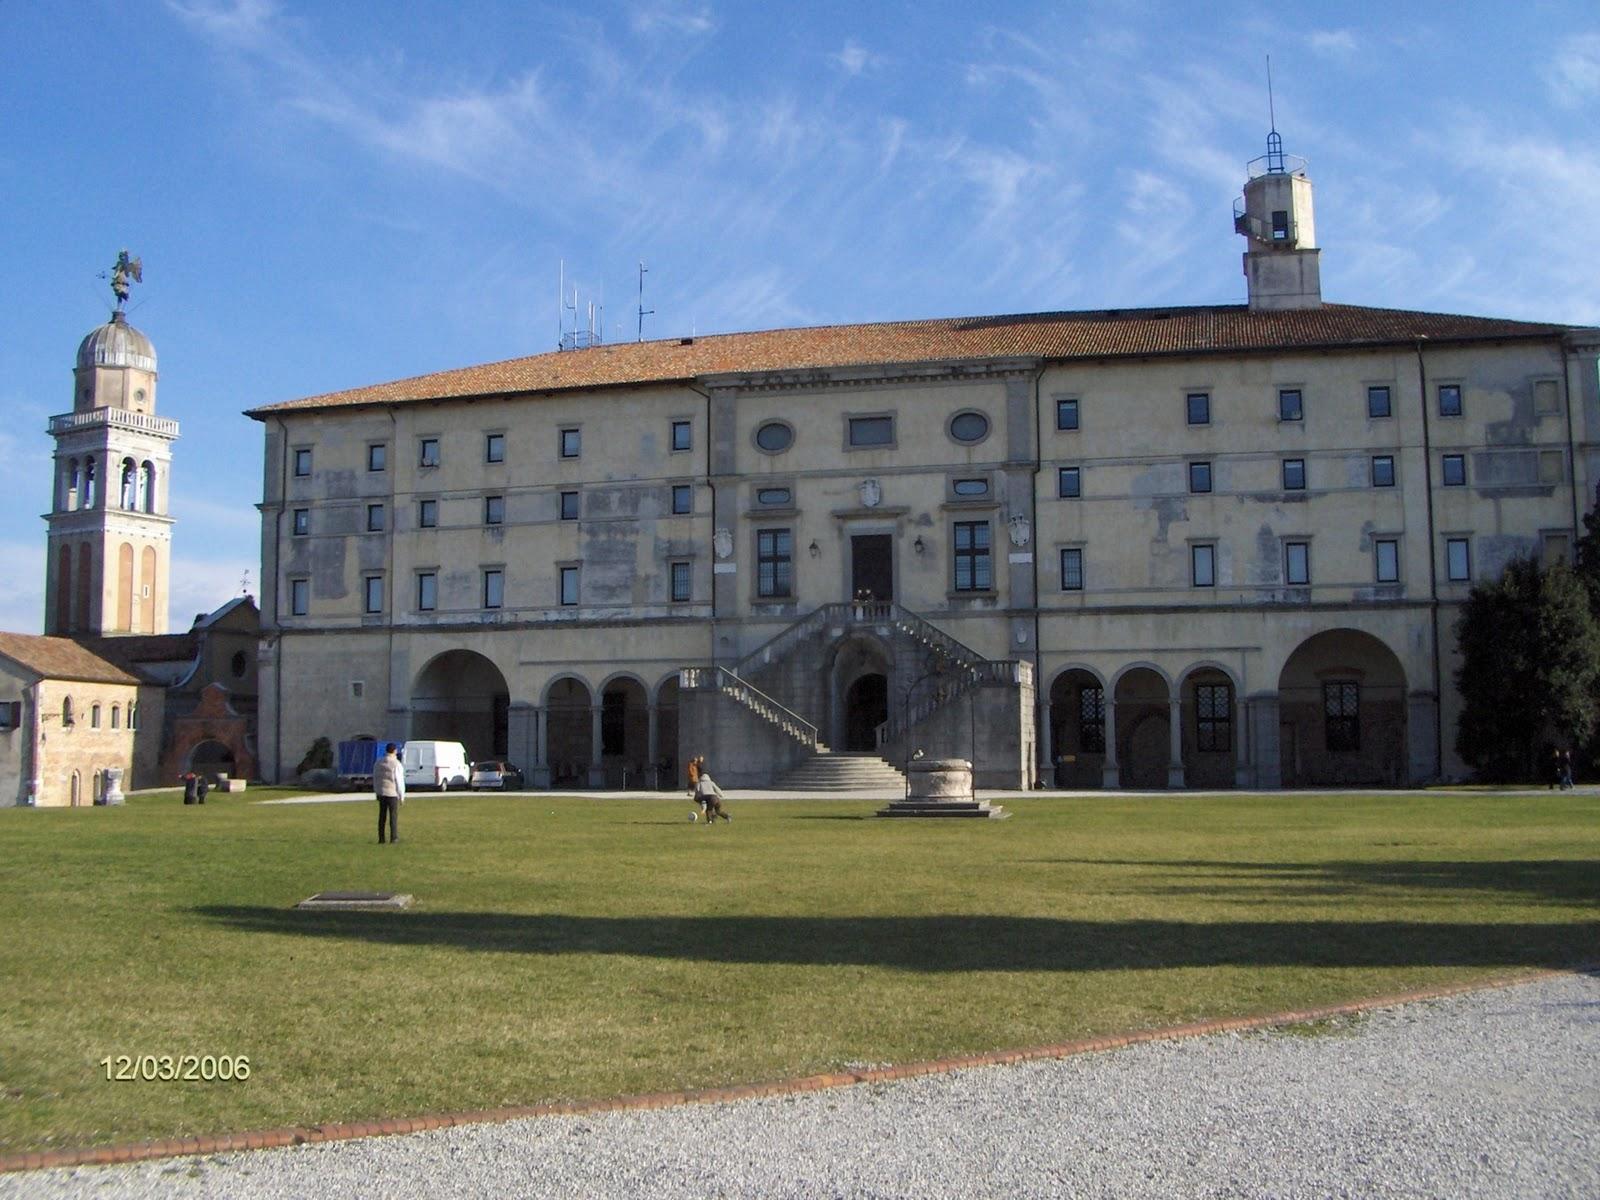 Di qua e di la castello di udine castle of udine for Subito it arredamento udine